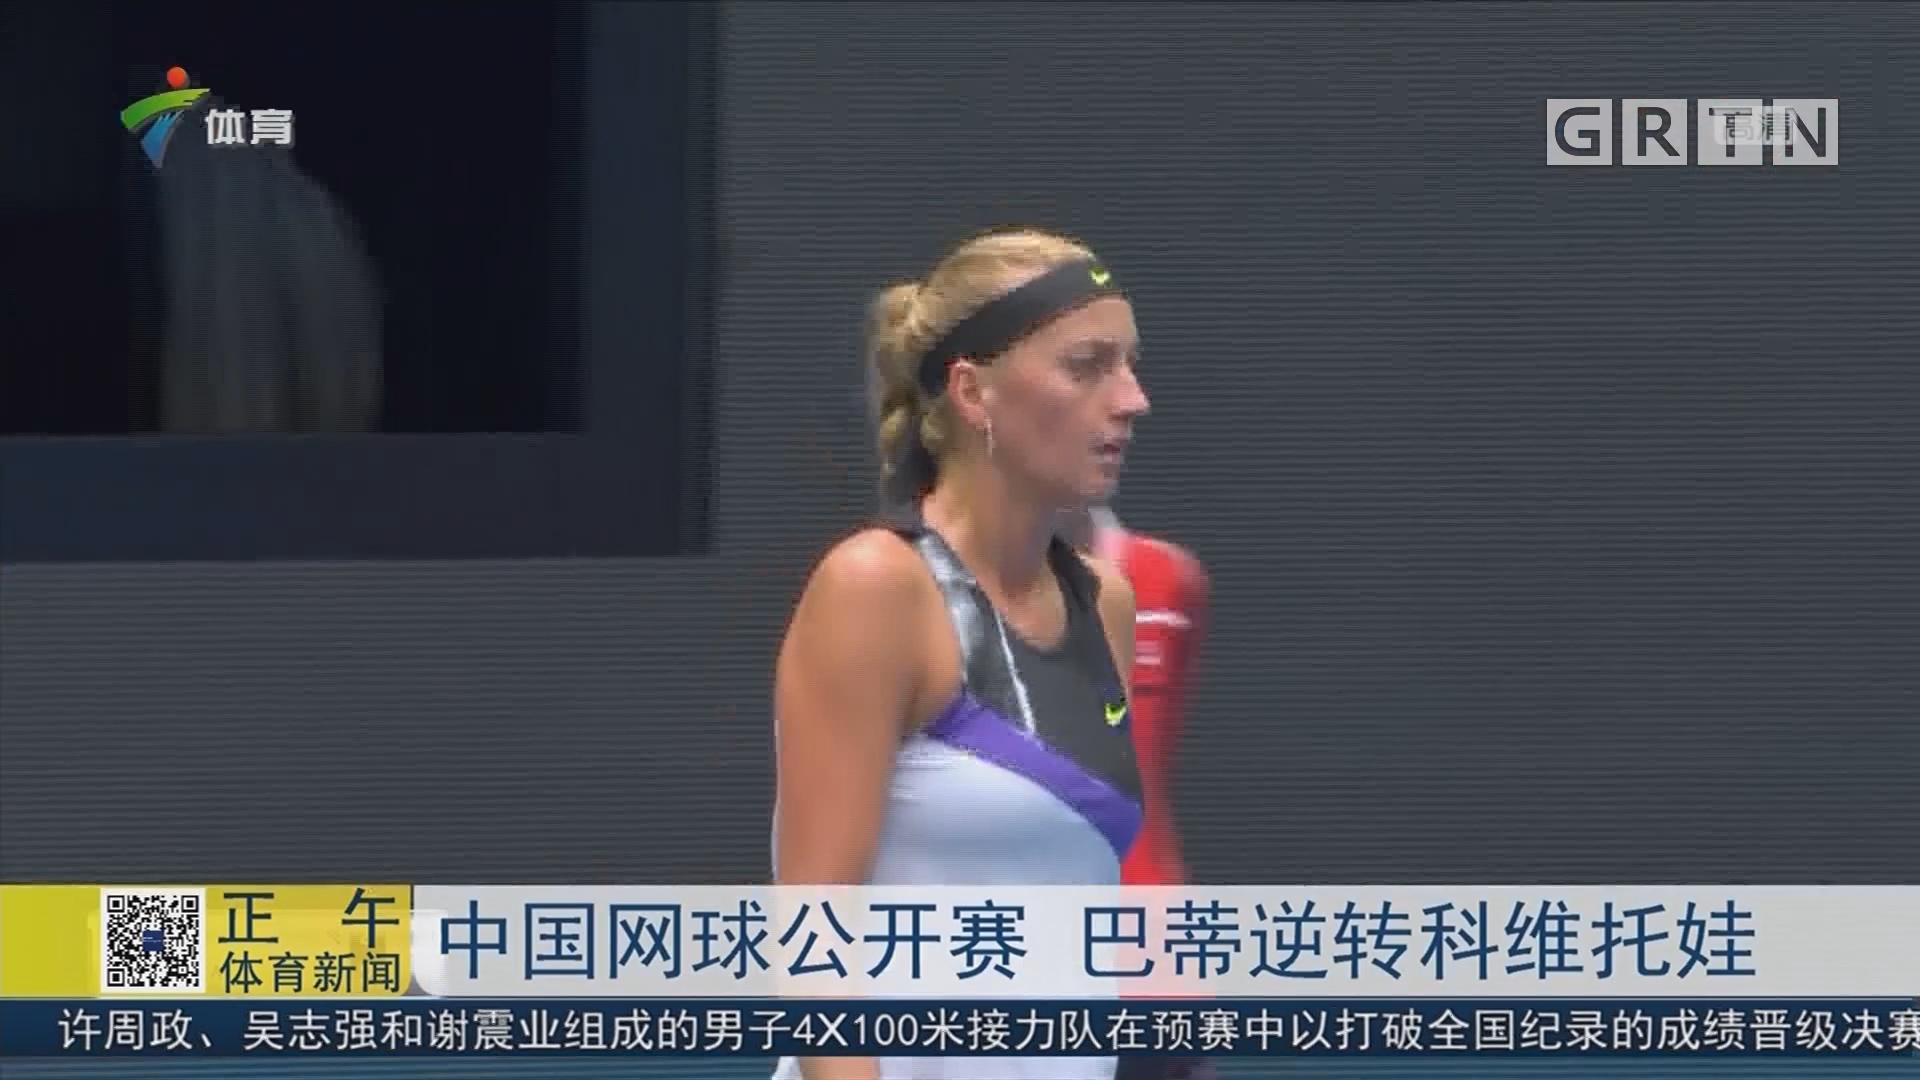 中国网球公开赛 巴蒂逆转科维托娃